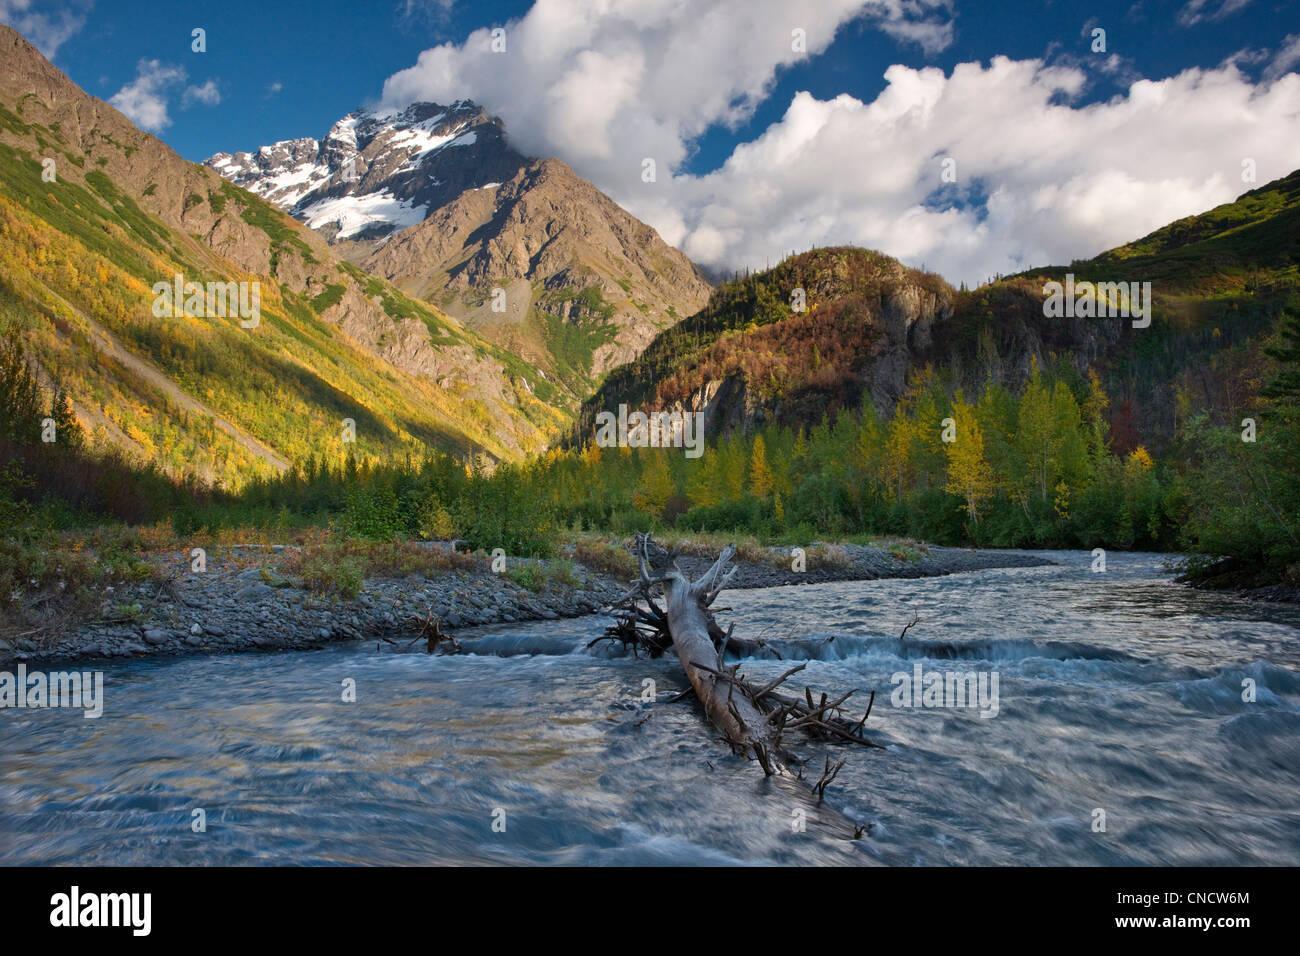 Vista panoramica della forcella ad est del fiume Eklutna e schivo picco, Chugach State Park, centromeridionale Alaska, Immagini Stock